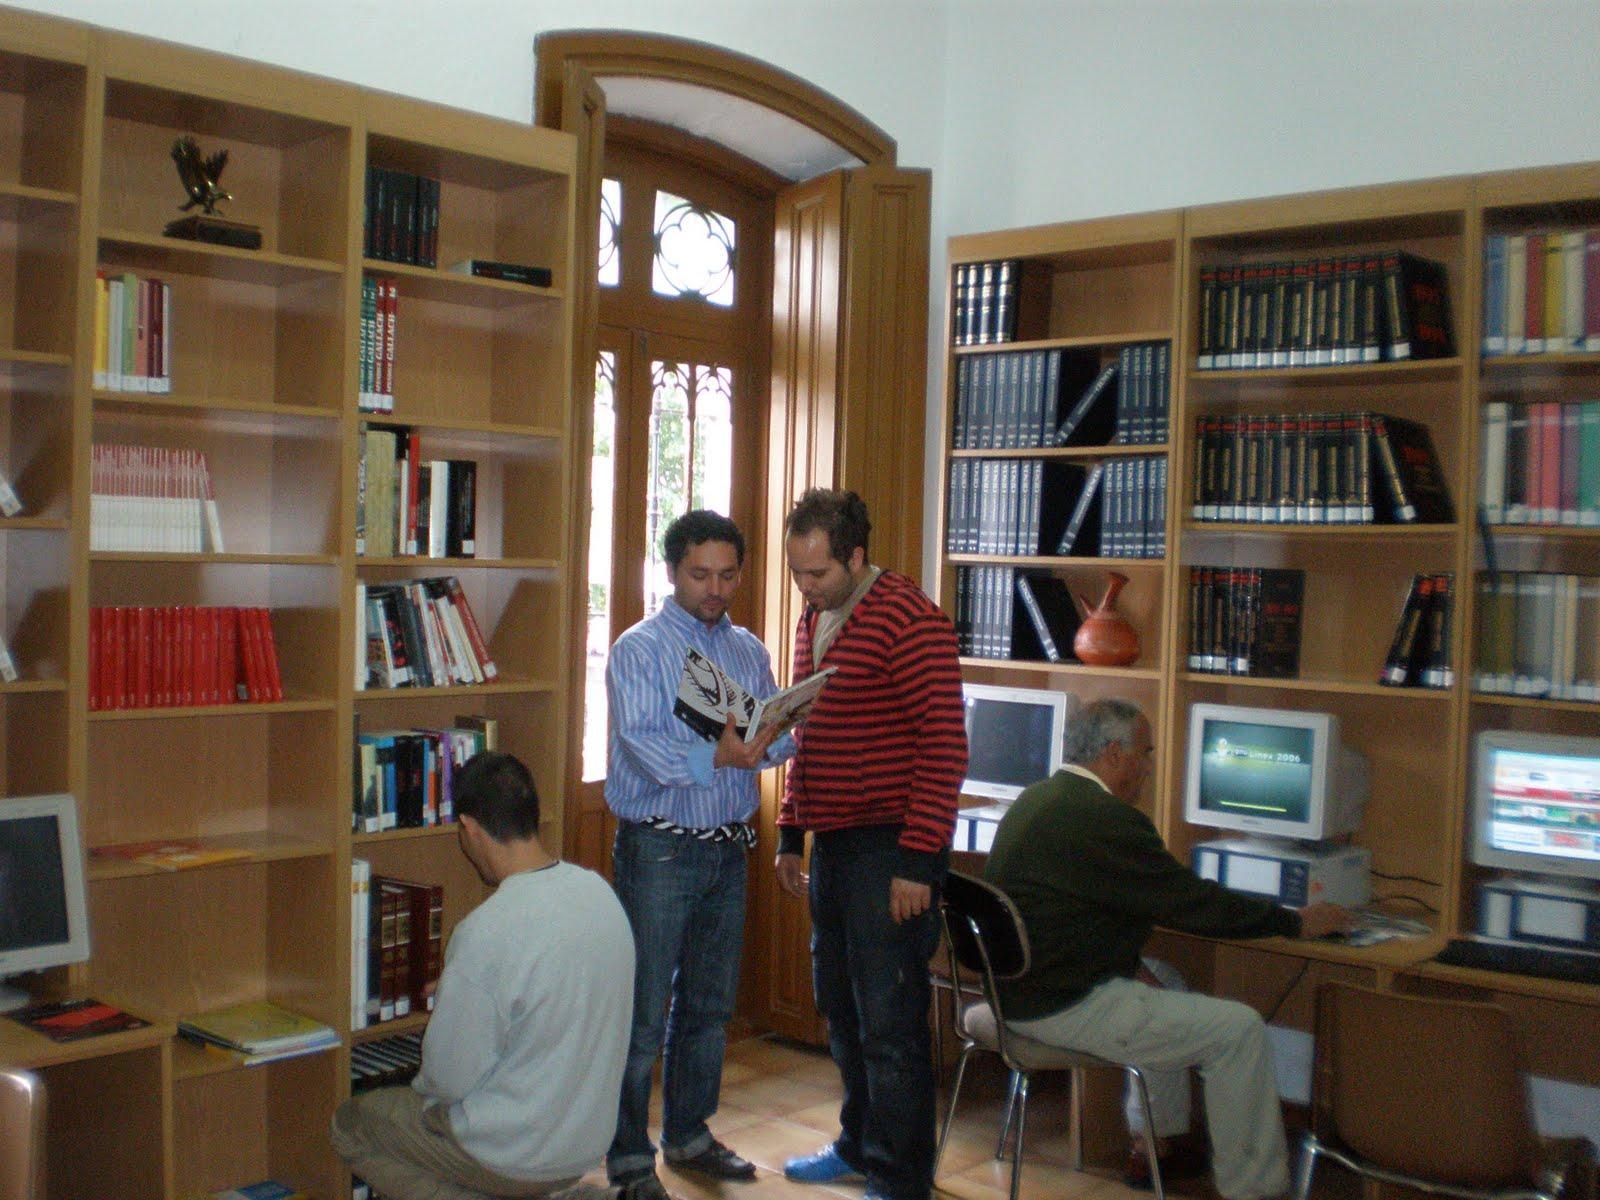 La biblioteca municipal de barcarrota horario de la for Cuarto milenio horario